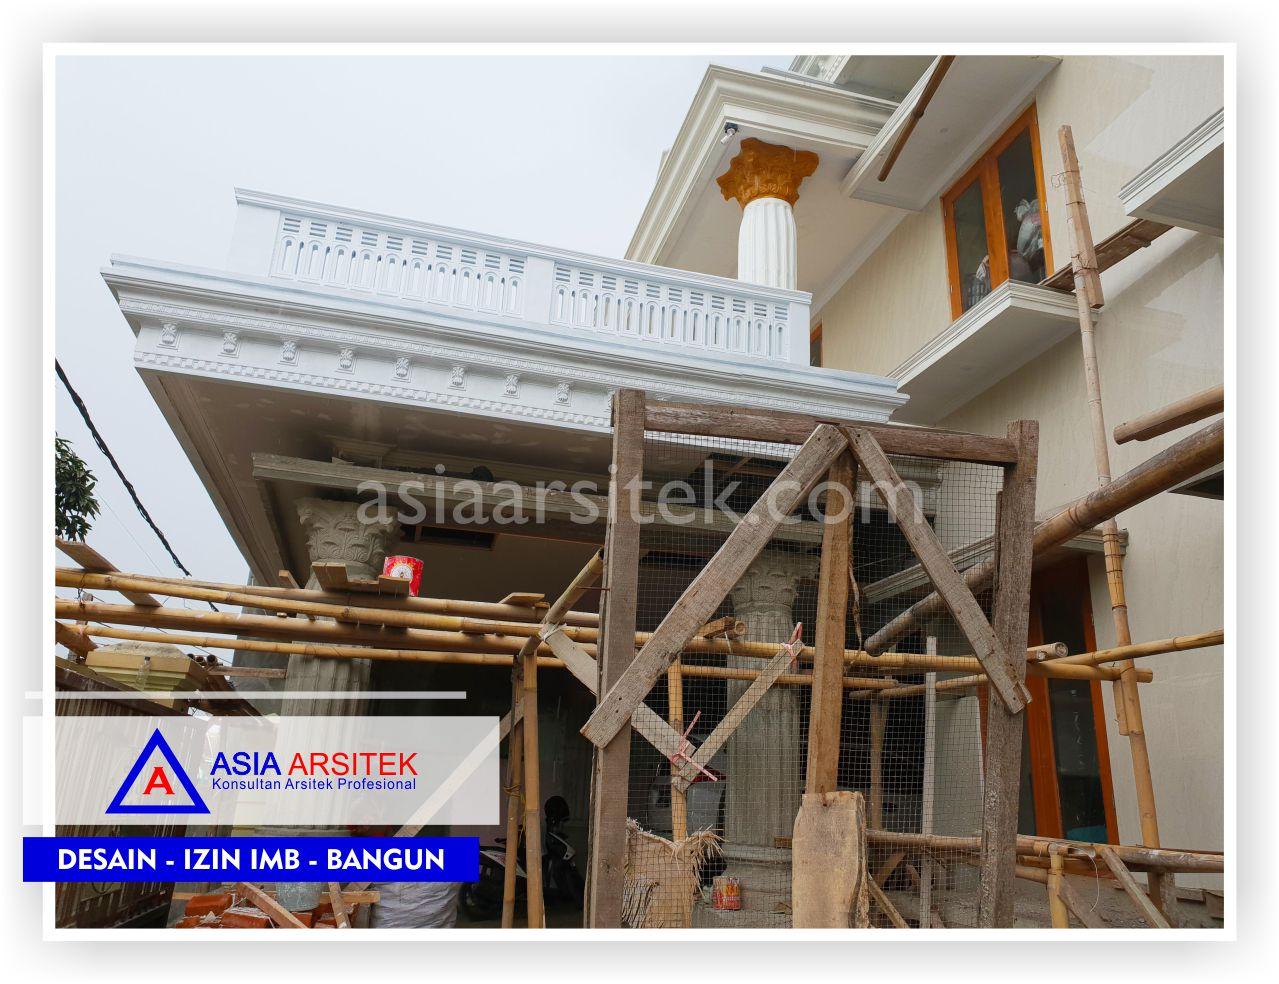 Plafon Carport Rumah Klasik Mewah Bu Iis - Arsitek Desain Rumah Minimalis Modern Di Bandung-Tangerang-Bogor-Bekasi-Jakarta-Jasa Konsultan Desain Arsitek Profesional (2)